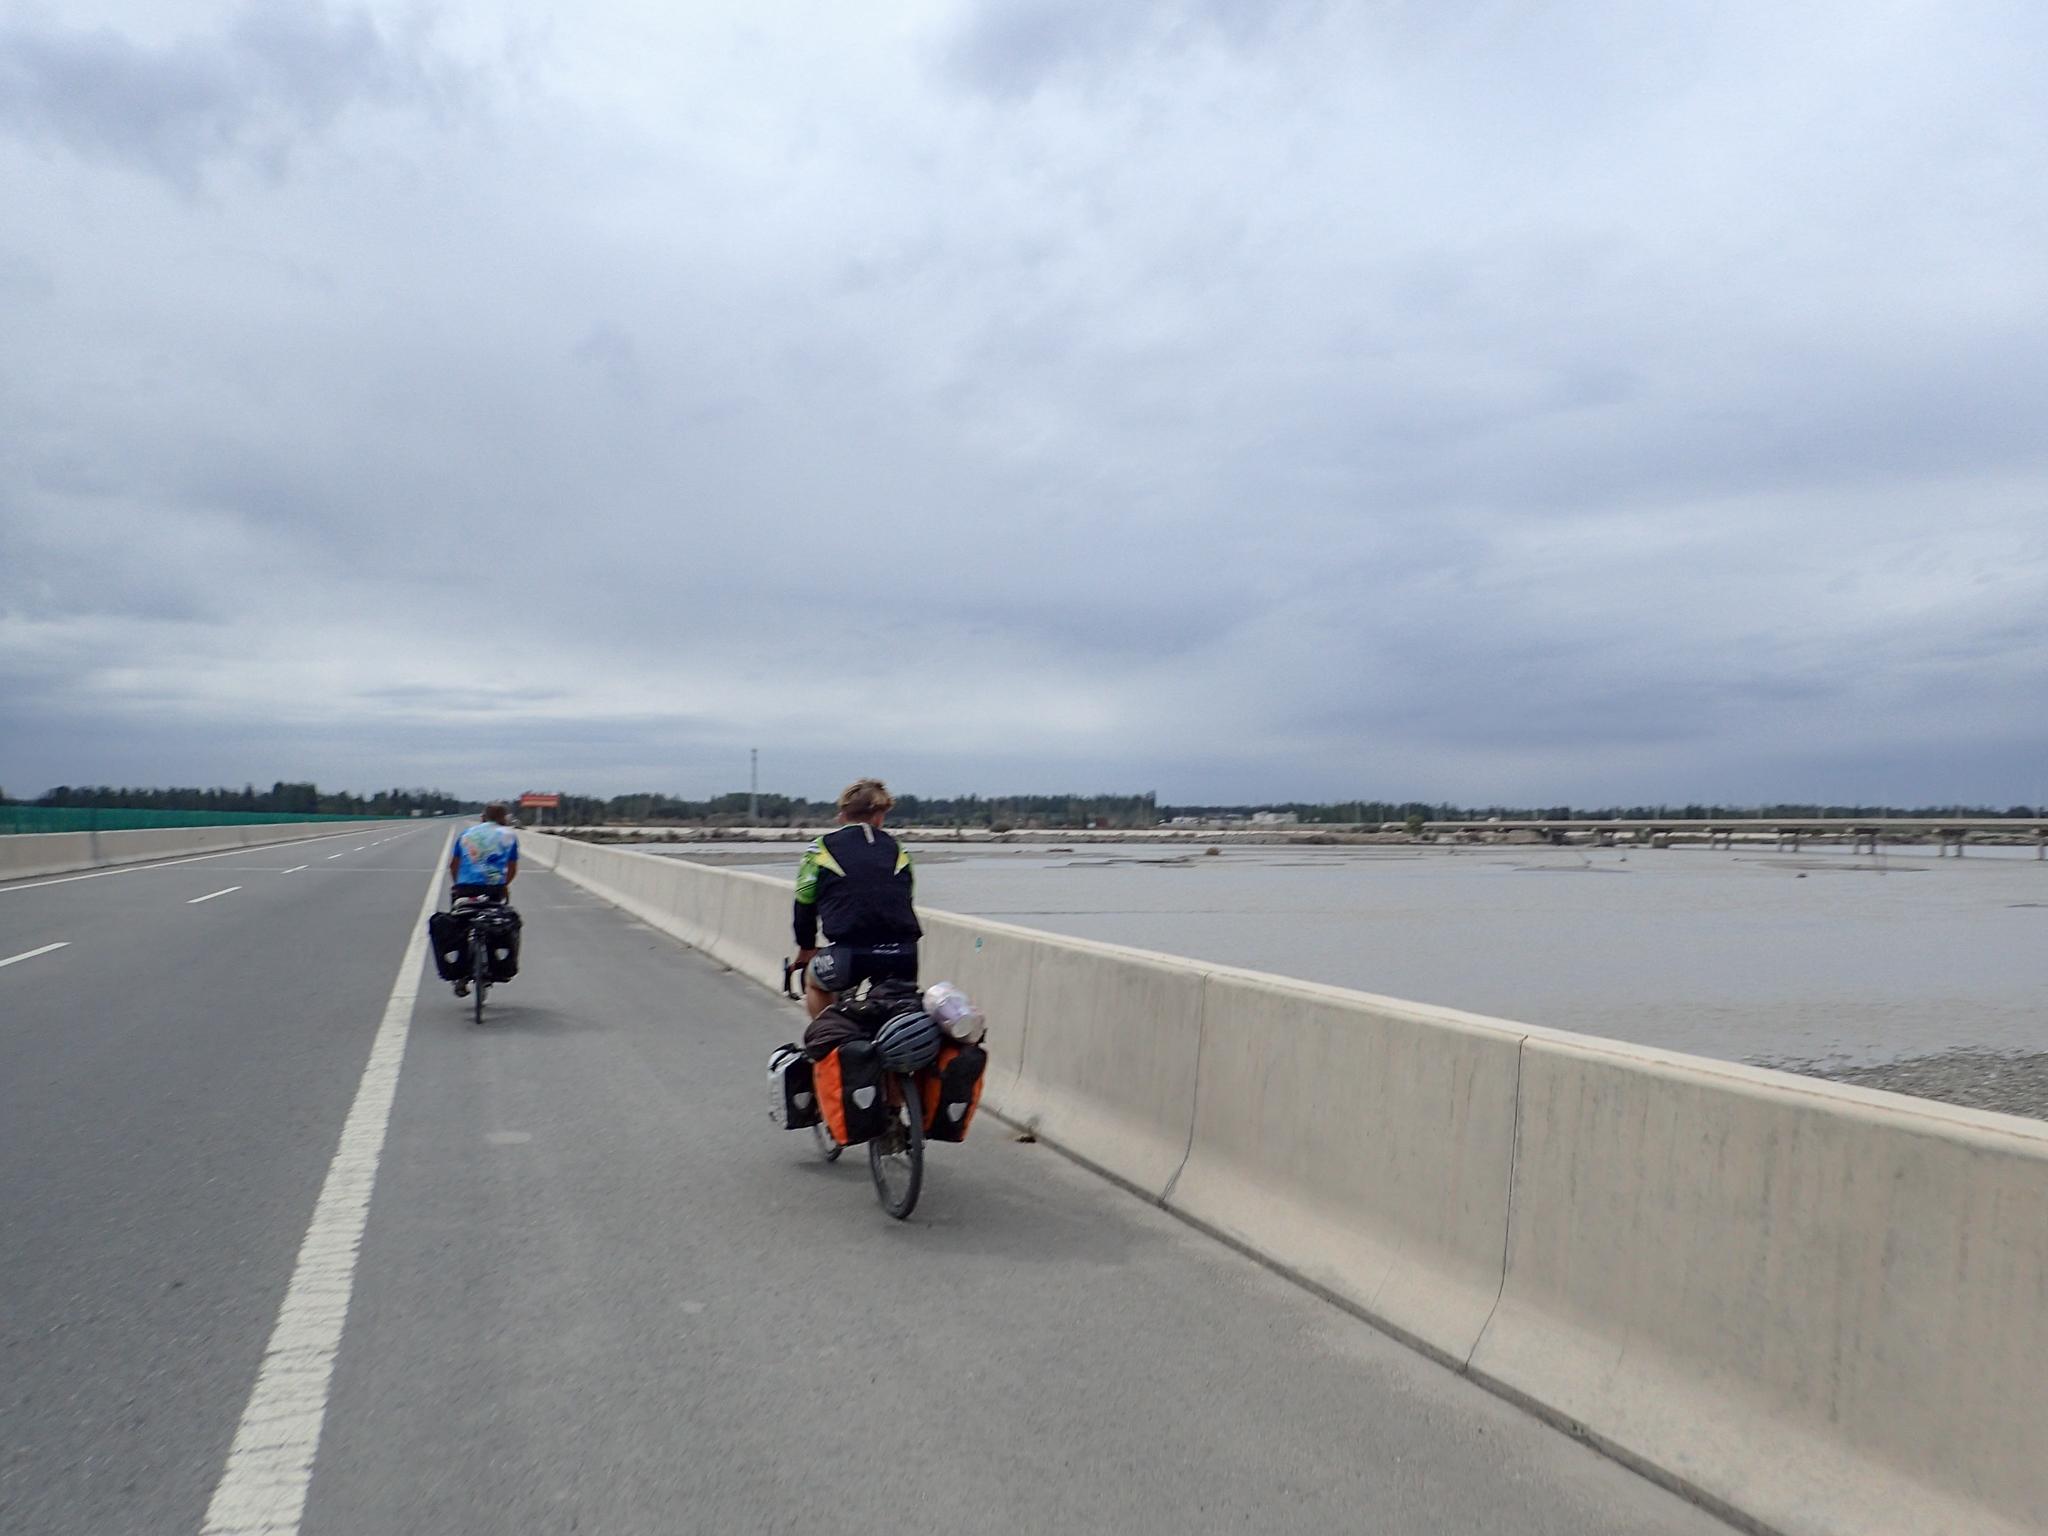 Bridge over Muddy Water